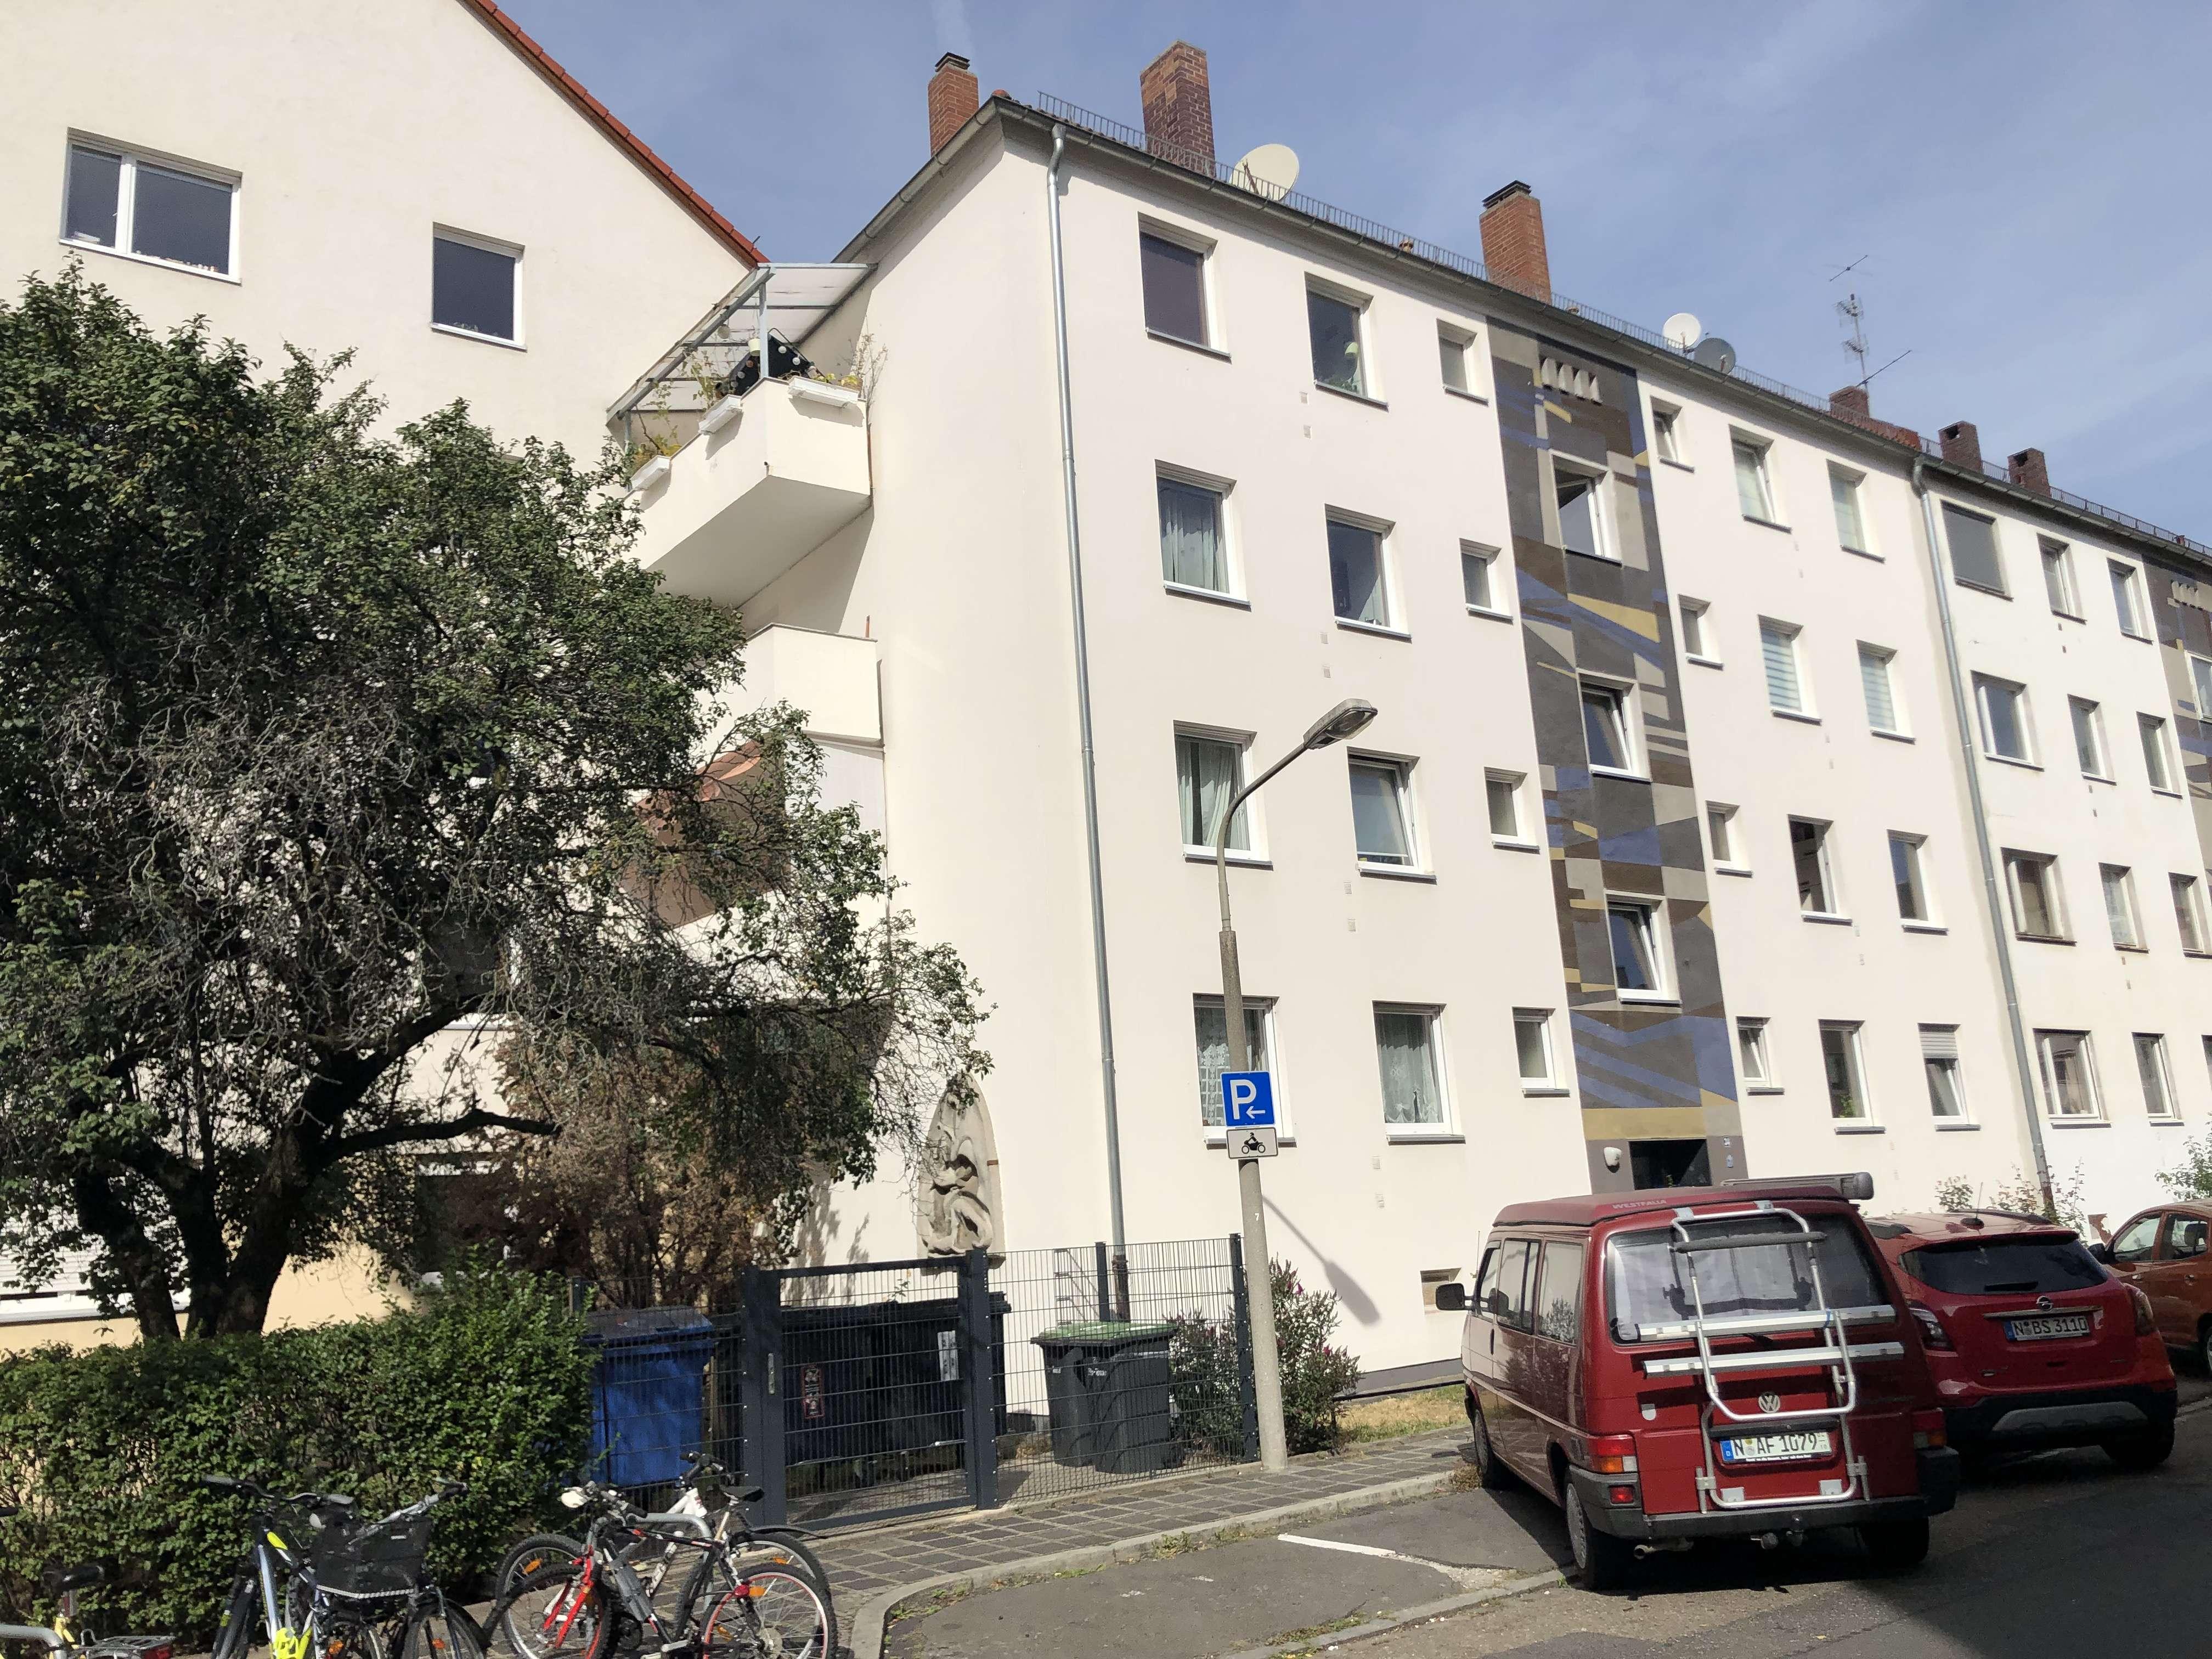 Top gelegene 3 Zimmer Wohnung auf 68 m² N-St. Johannis mit Bad neu uvm.! in Sandberg